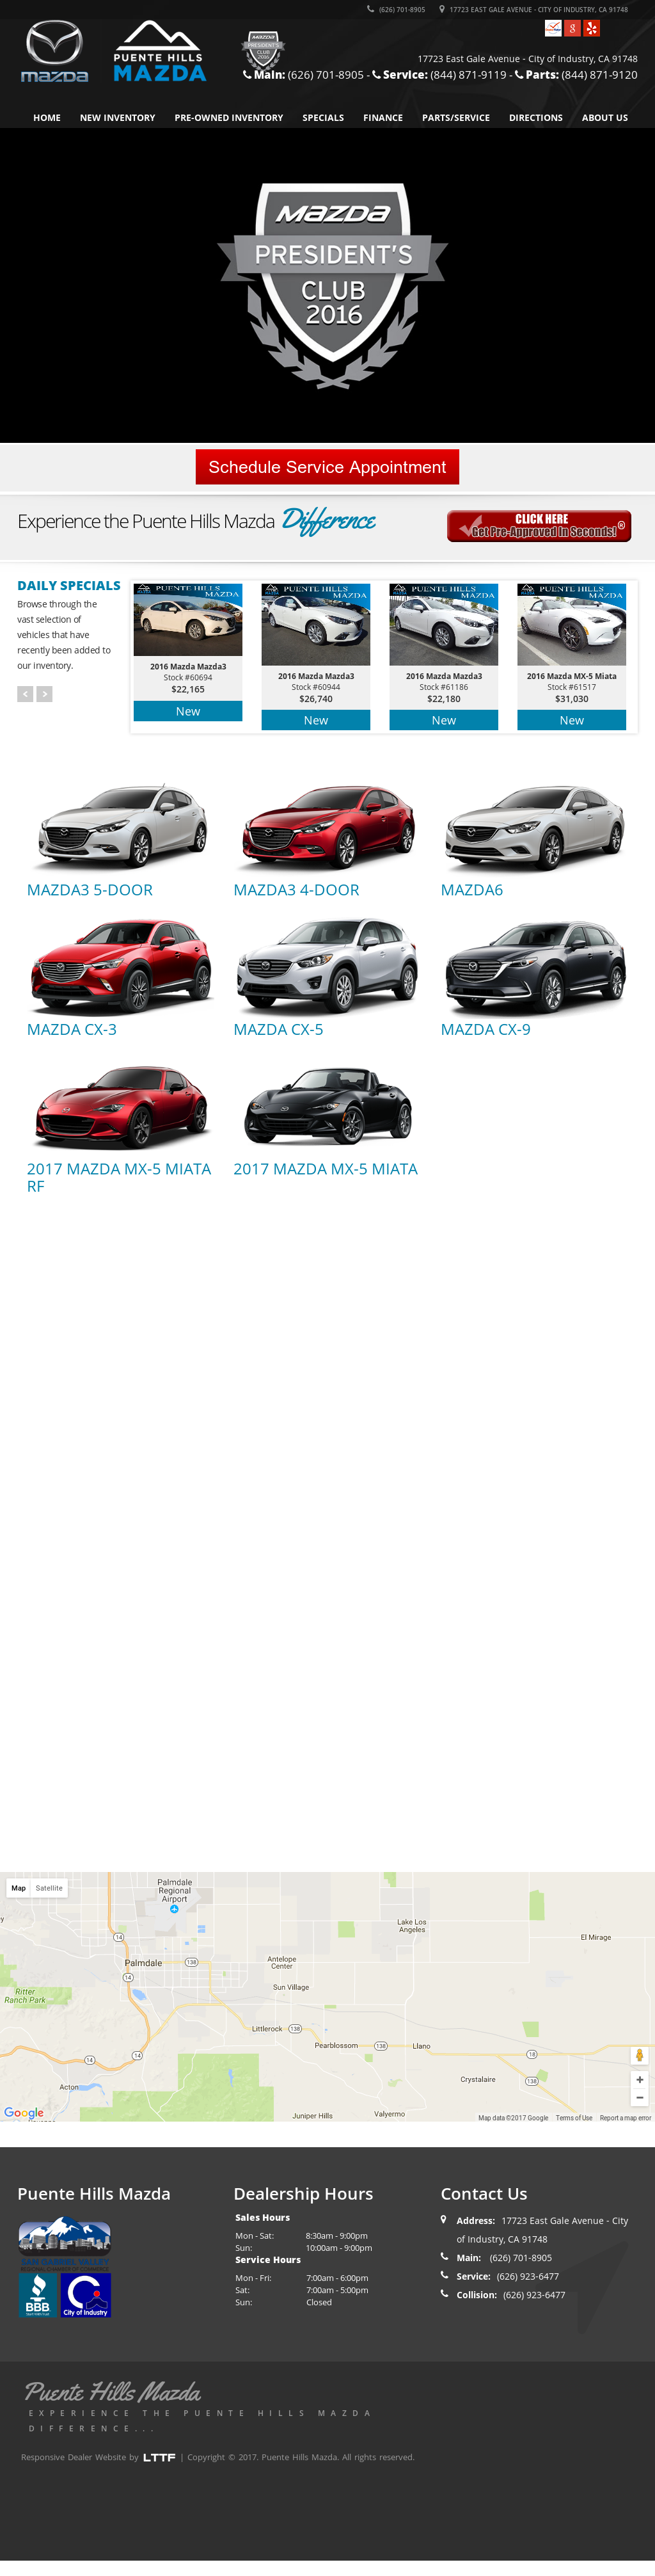 Mazda Of Puente Hills Website History